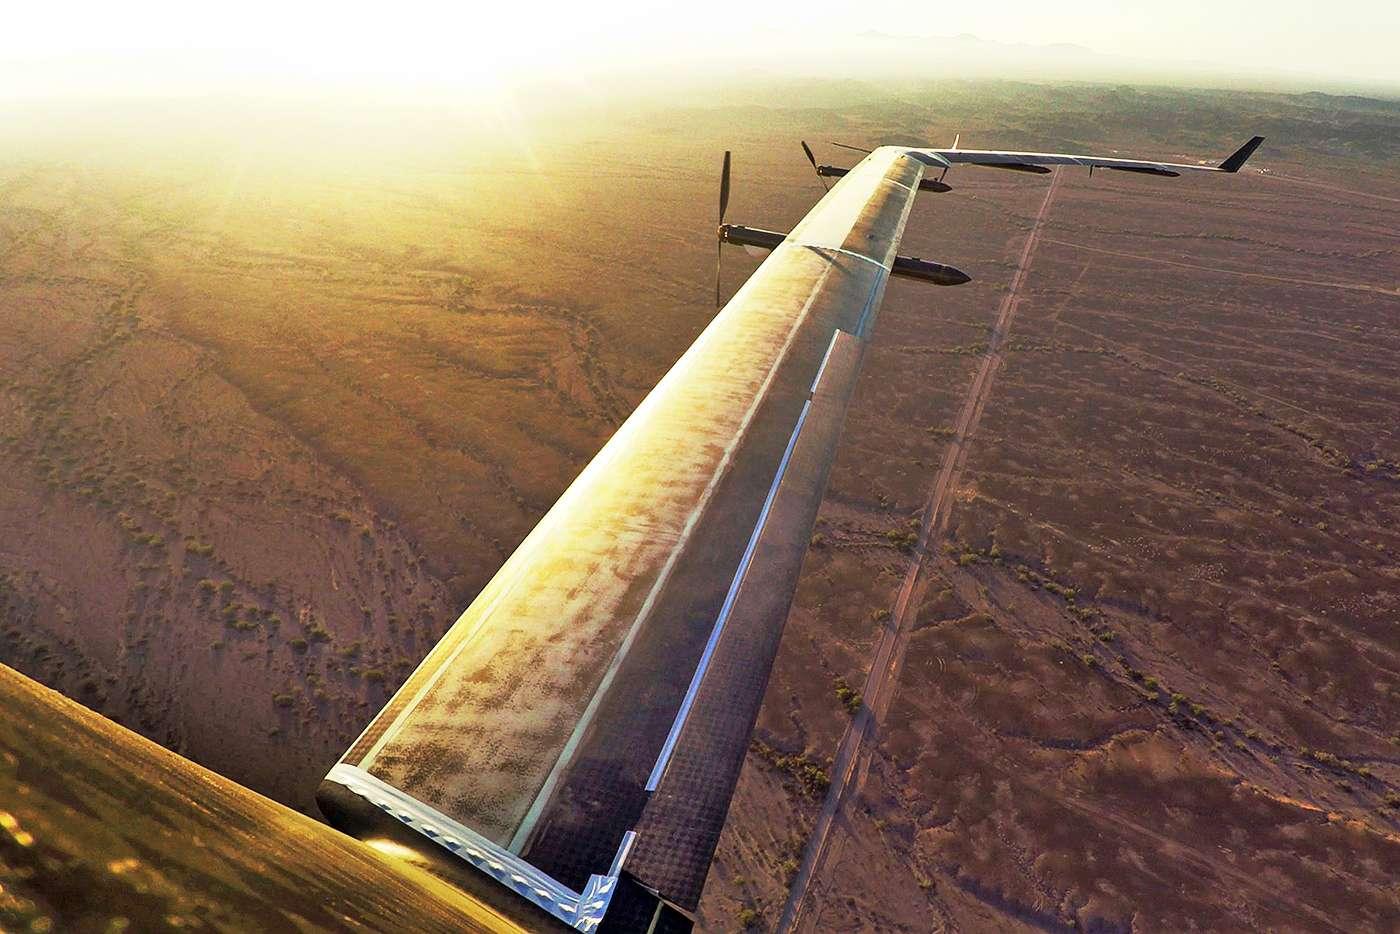 Facebook, güneş enerjisi ile çalışan internet sağlayıcı insansız hava araçları hedefliyor